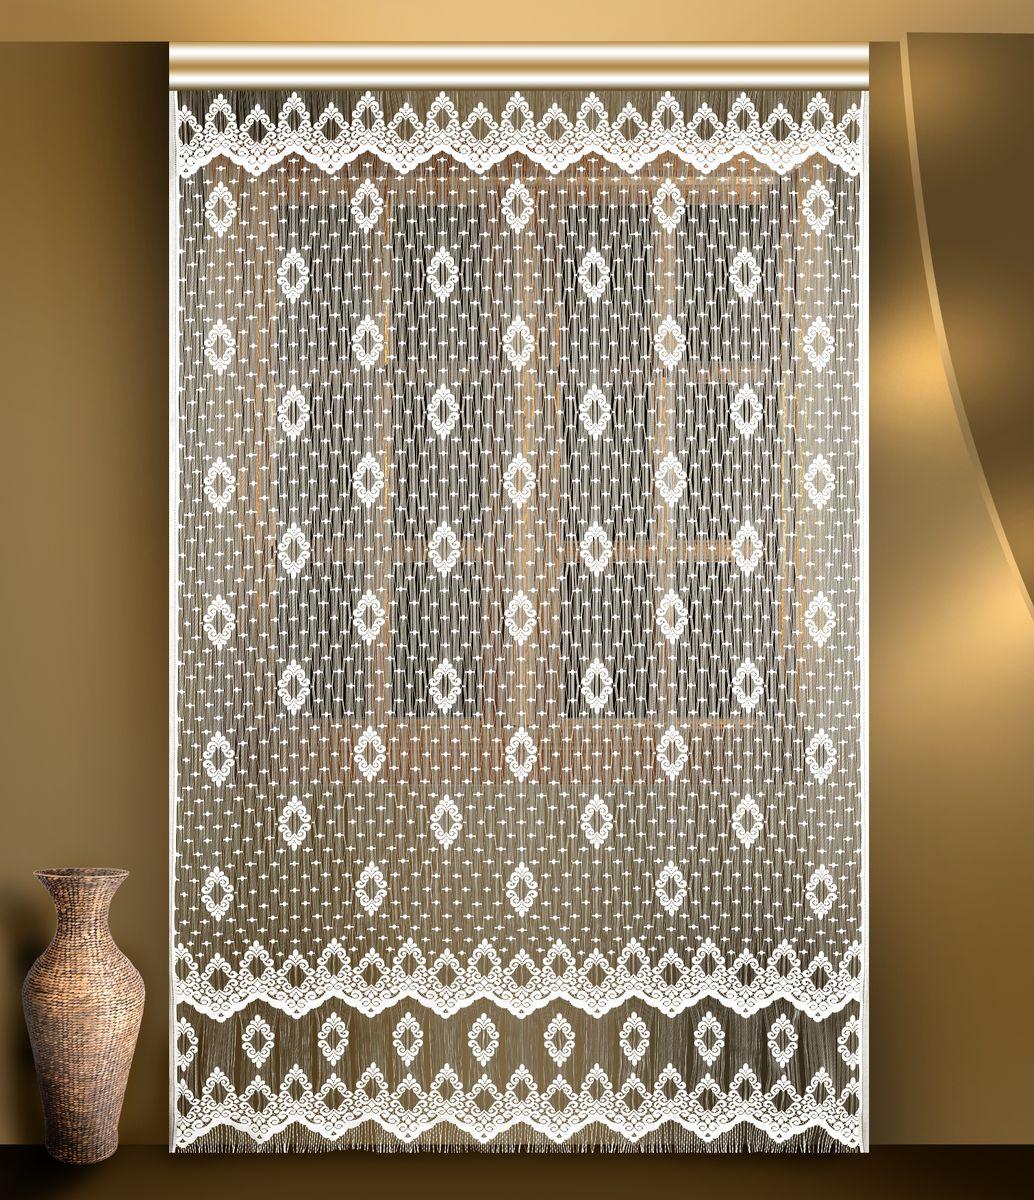 Гардина из тюле-кружевного полотна, крепление на зажимах для штор.